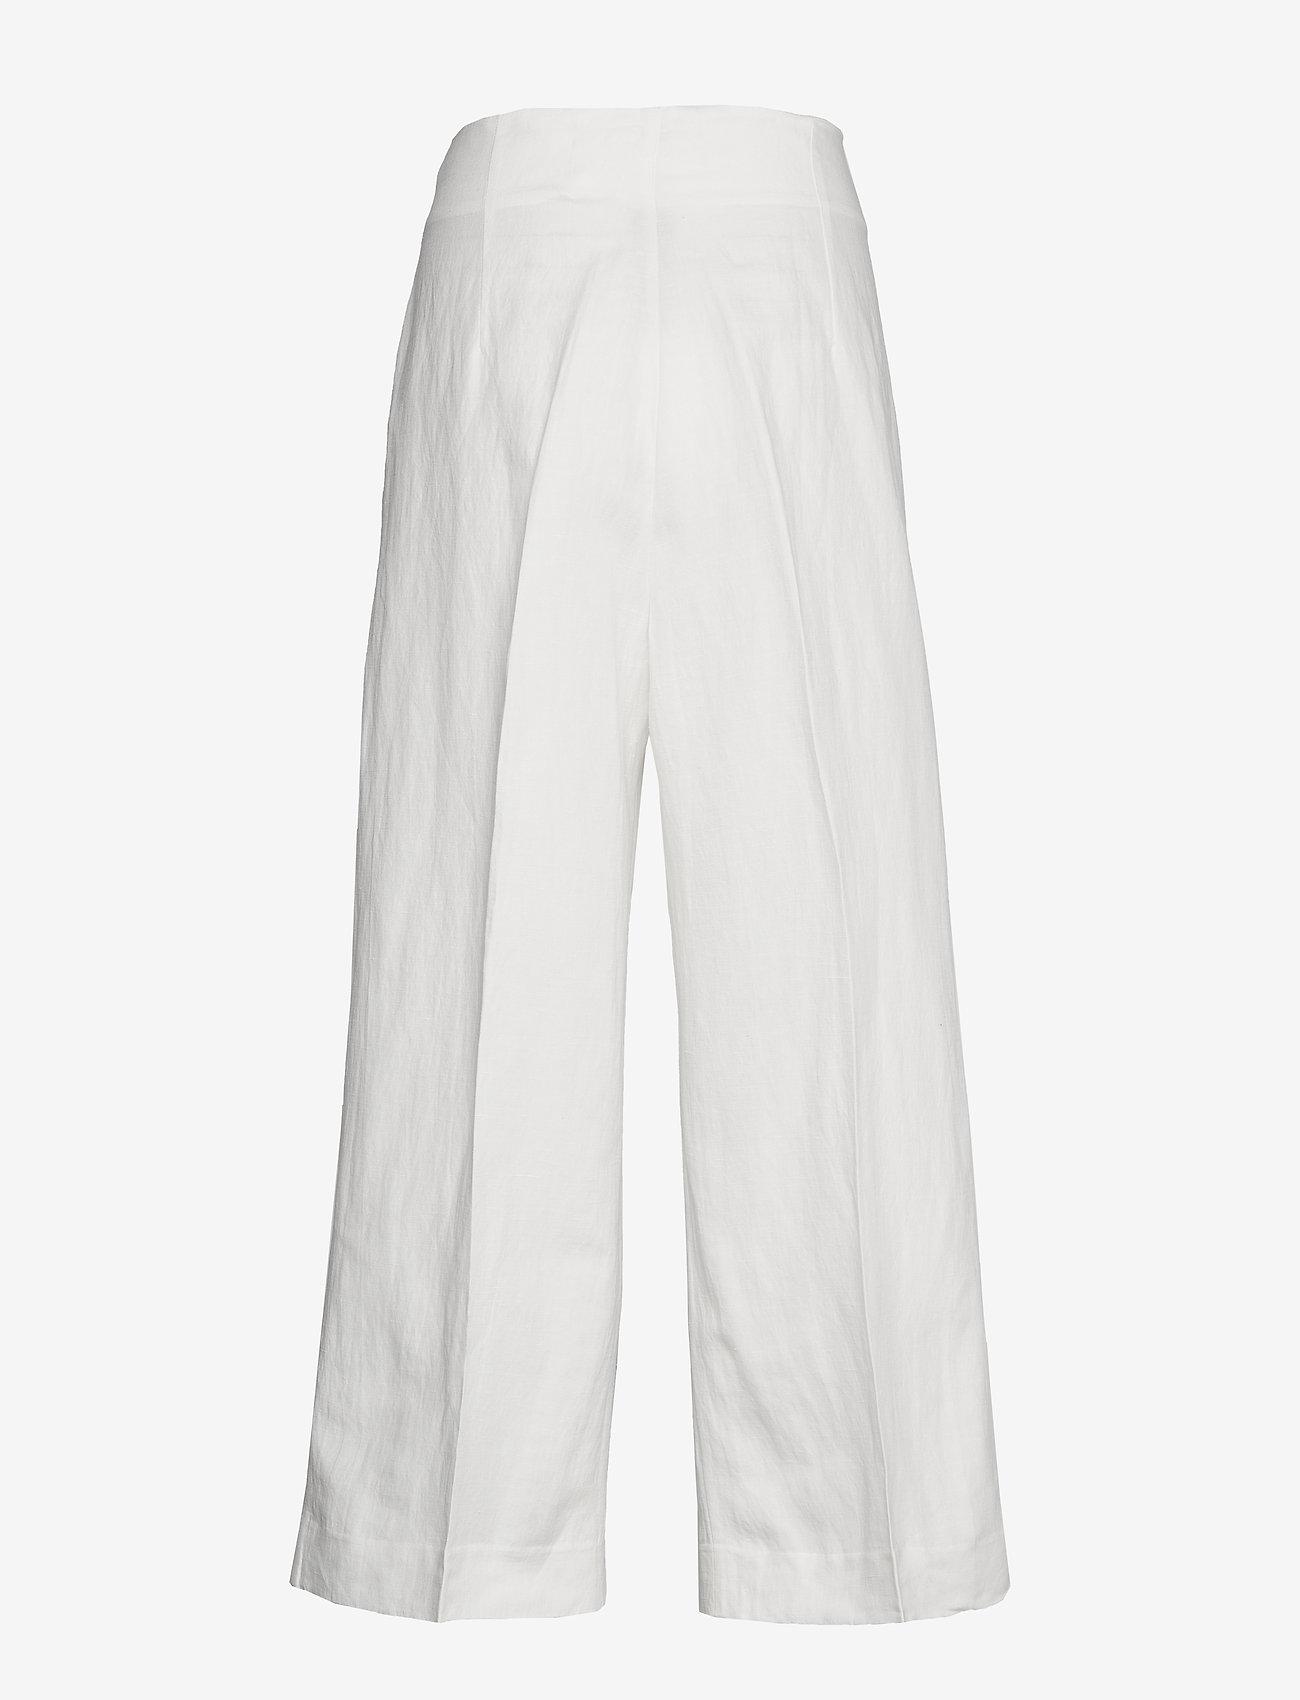 Lindex Trousers Lykke Sailor - Spodnie OFF WHITE - Kobiety Odzież.